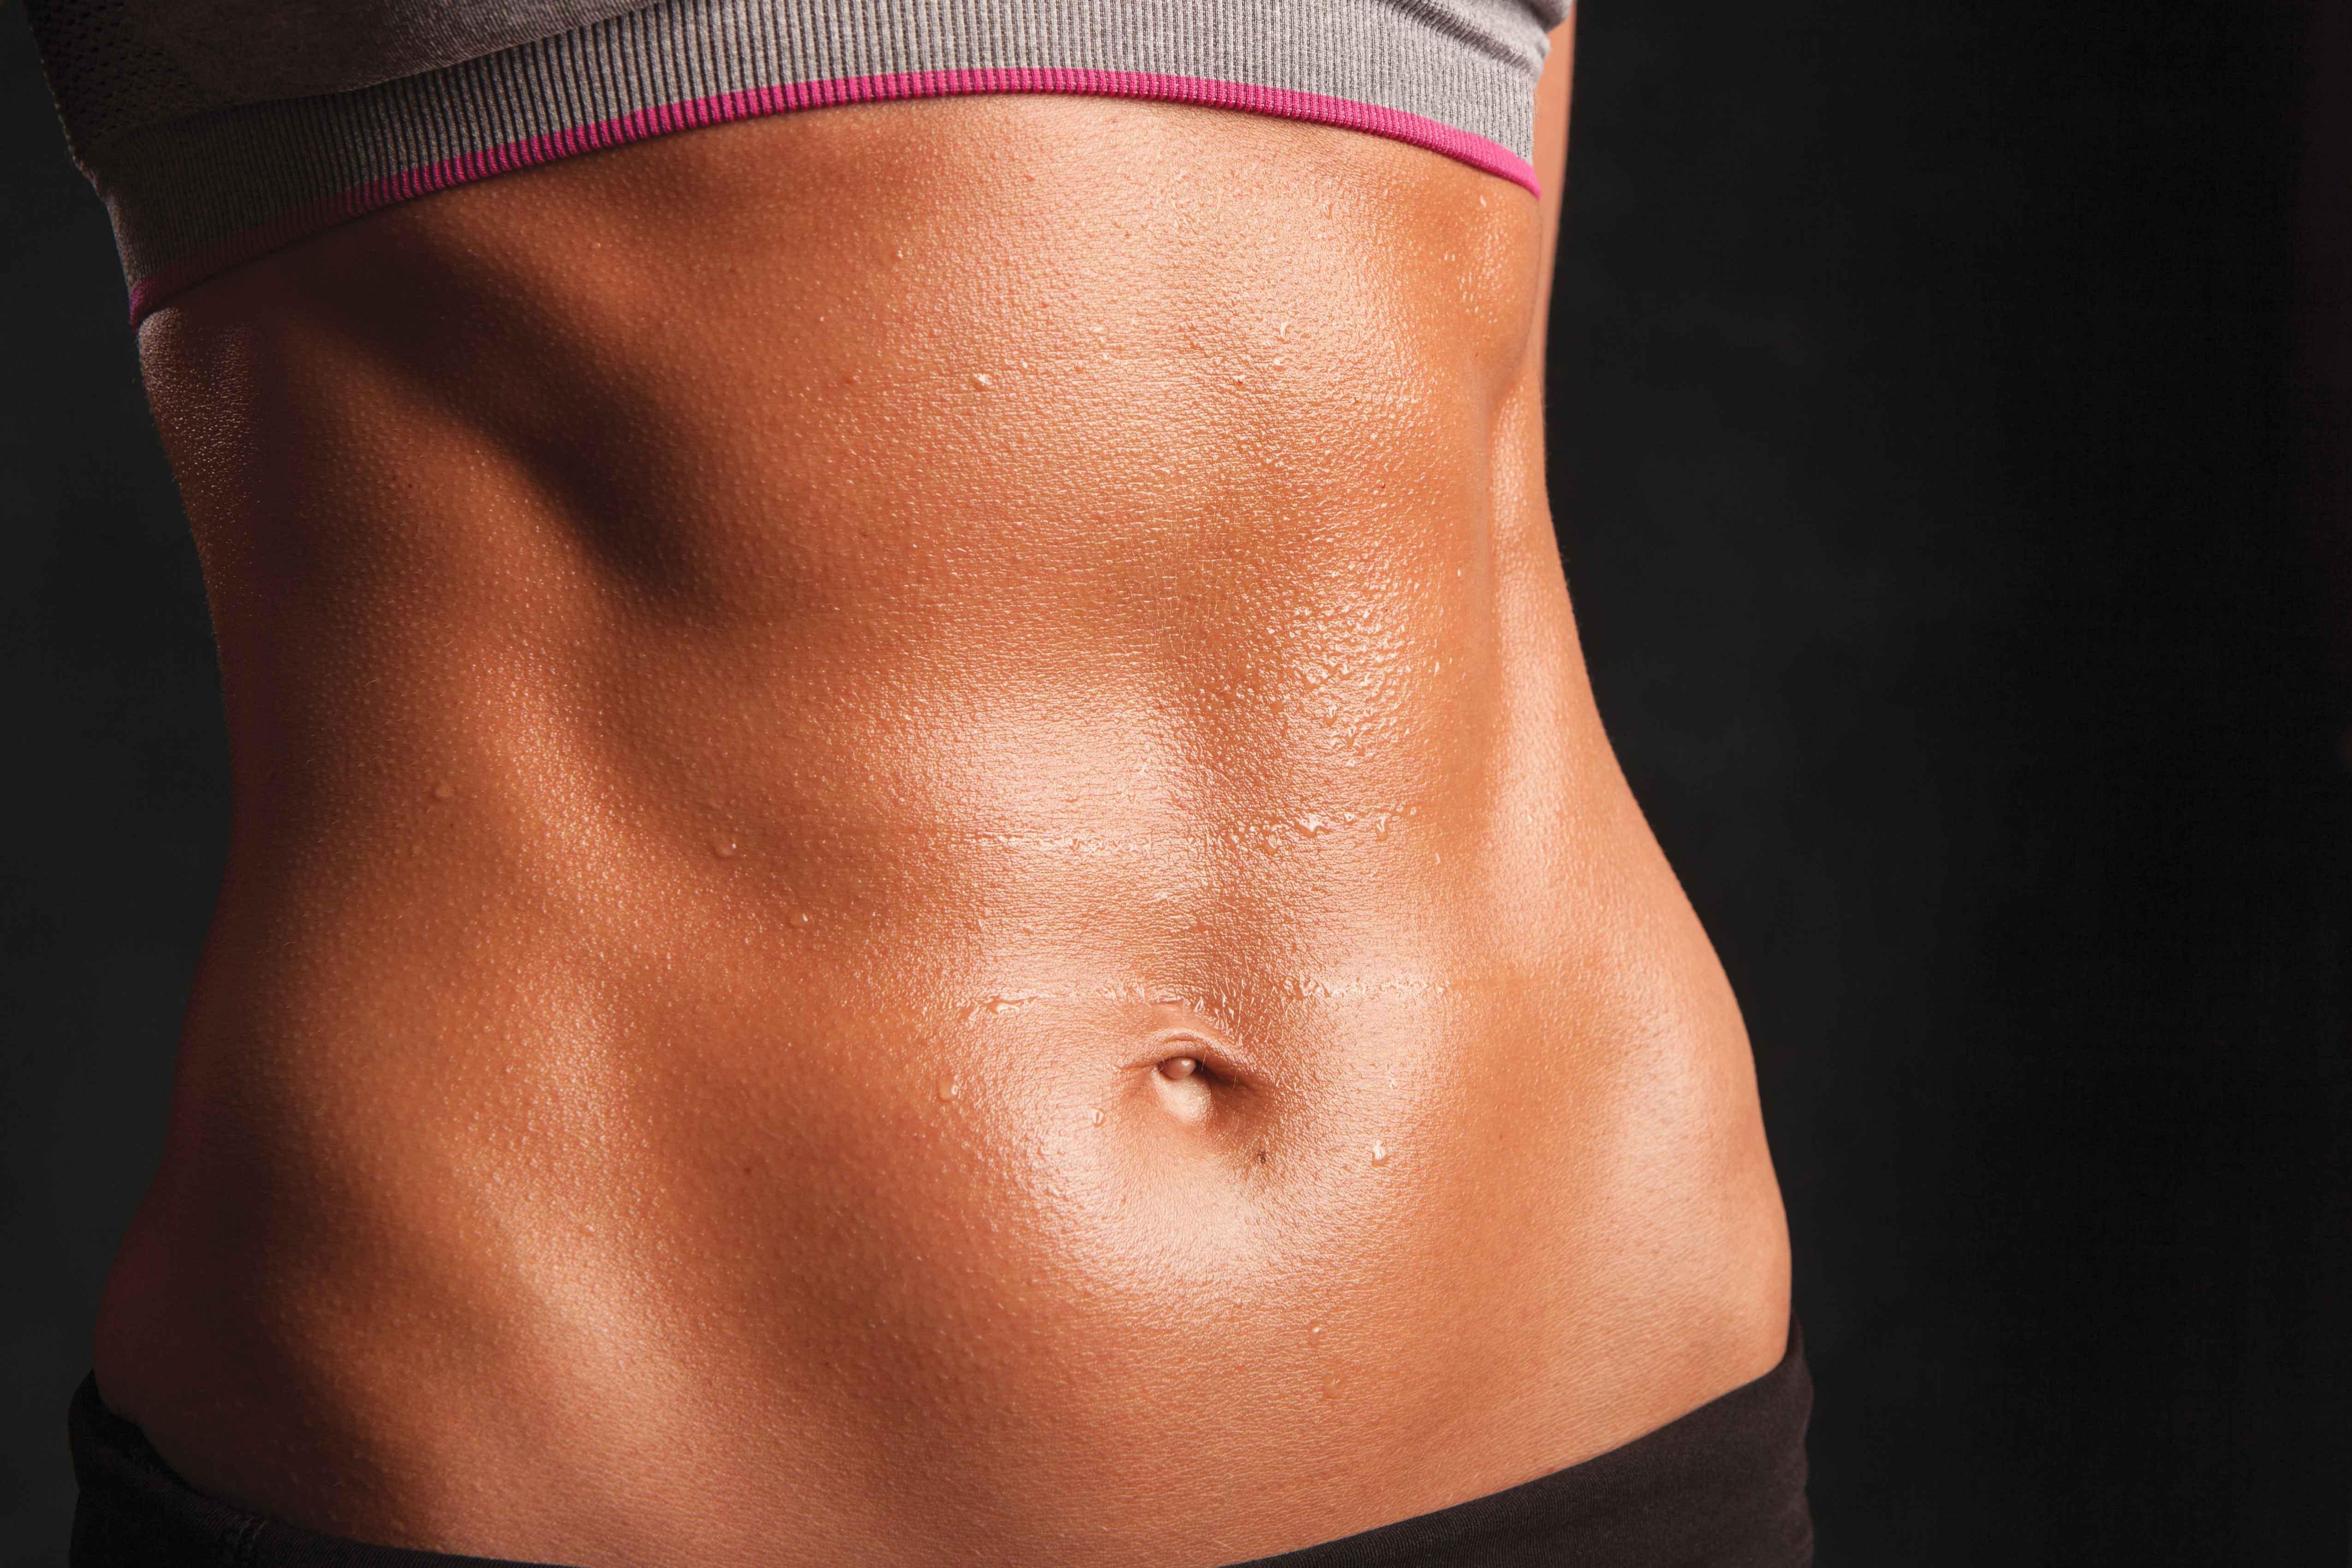 poți simți că ard grăsime scădere în greutate inspo tumblr